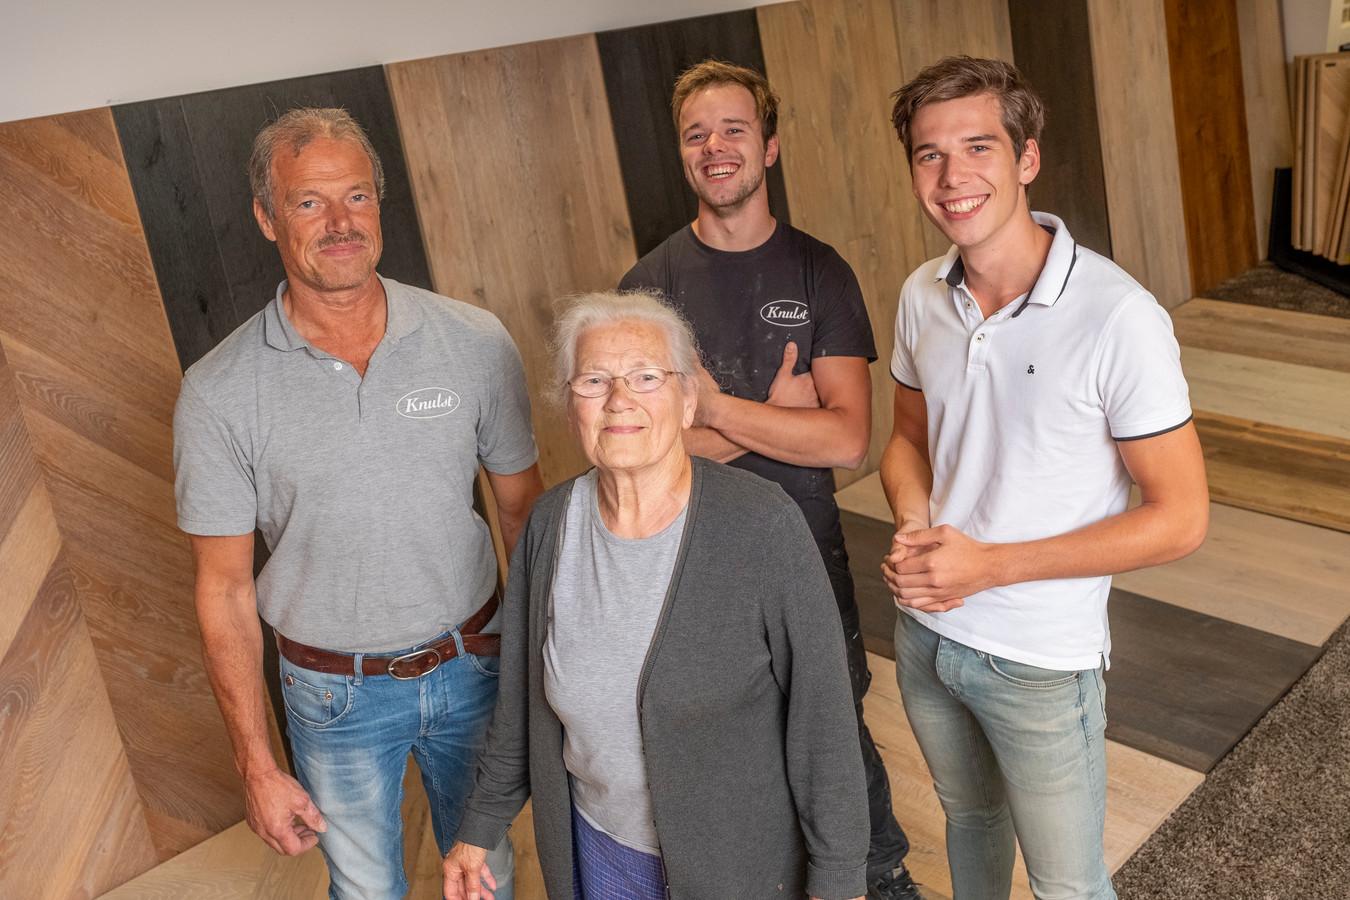 De Stentor portretteert in de rubriek 'De Opvolger' meerdere familiebedrijven in deze regio, waaronder Knulst Vloeren van de familie Knulst uit Nunspeet. Op de foto de huidige eigenaar Willem Knulst, zijn moeder Dina en zoons Job en Joël.